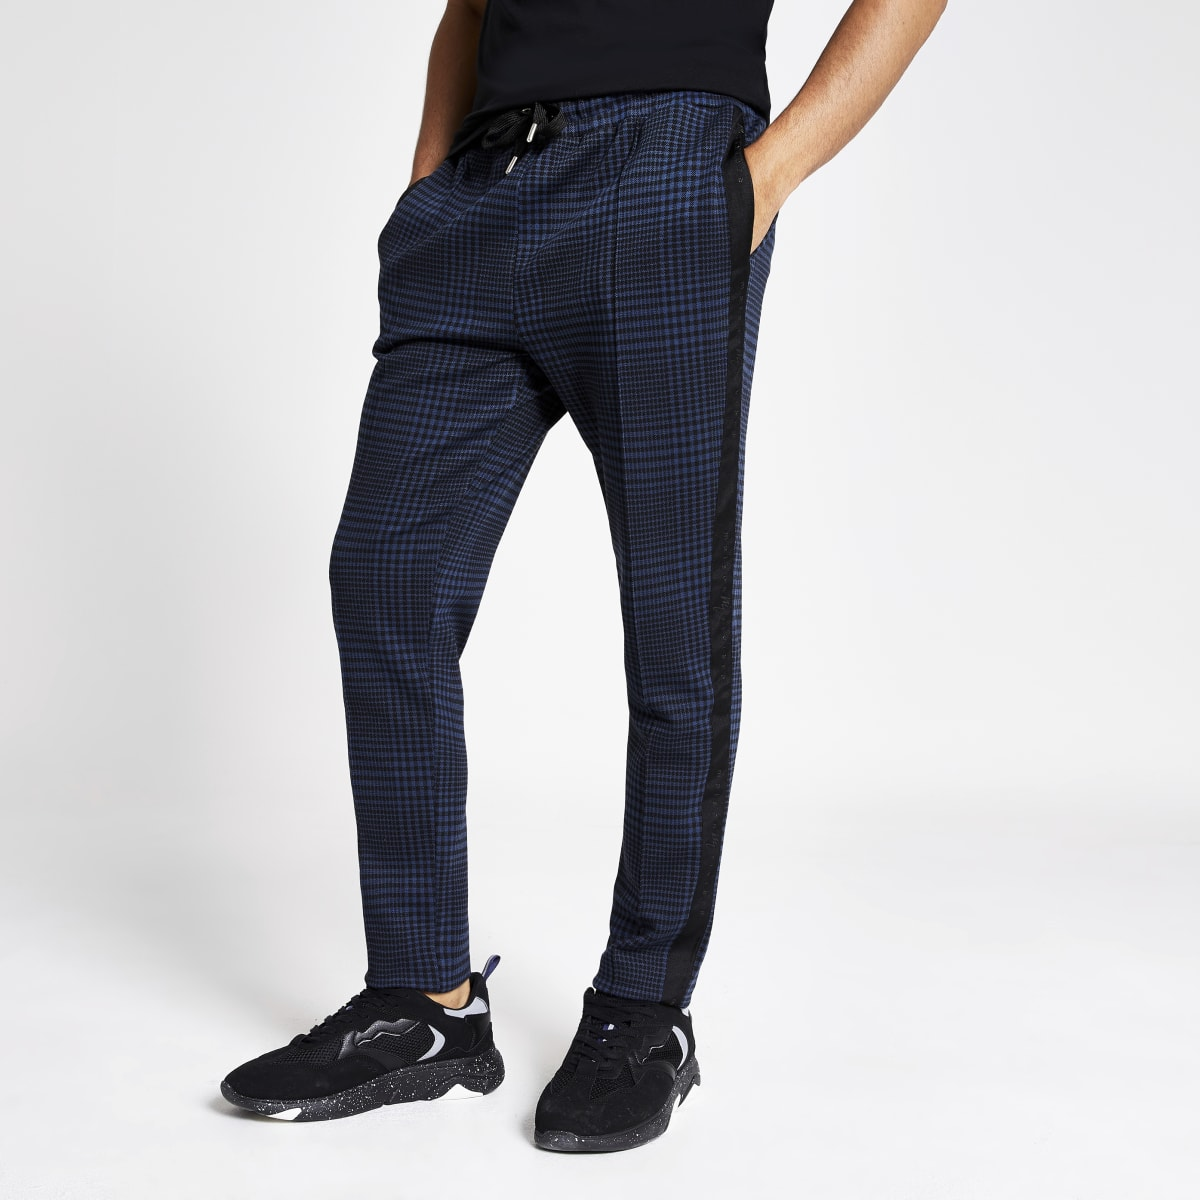 Pantalon de jogging à carreaux bleu marine avec bandes latérales